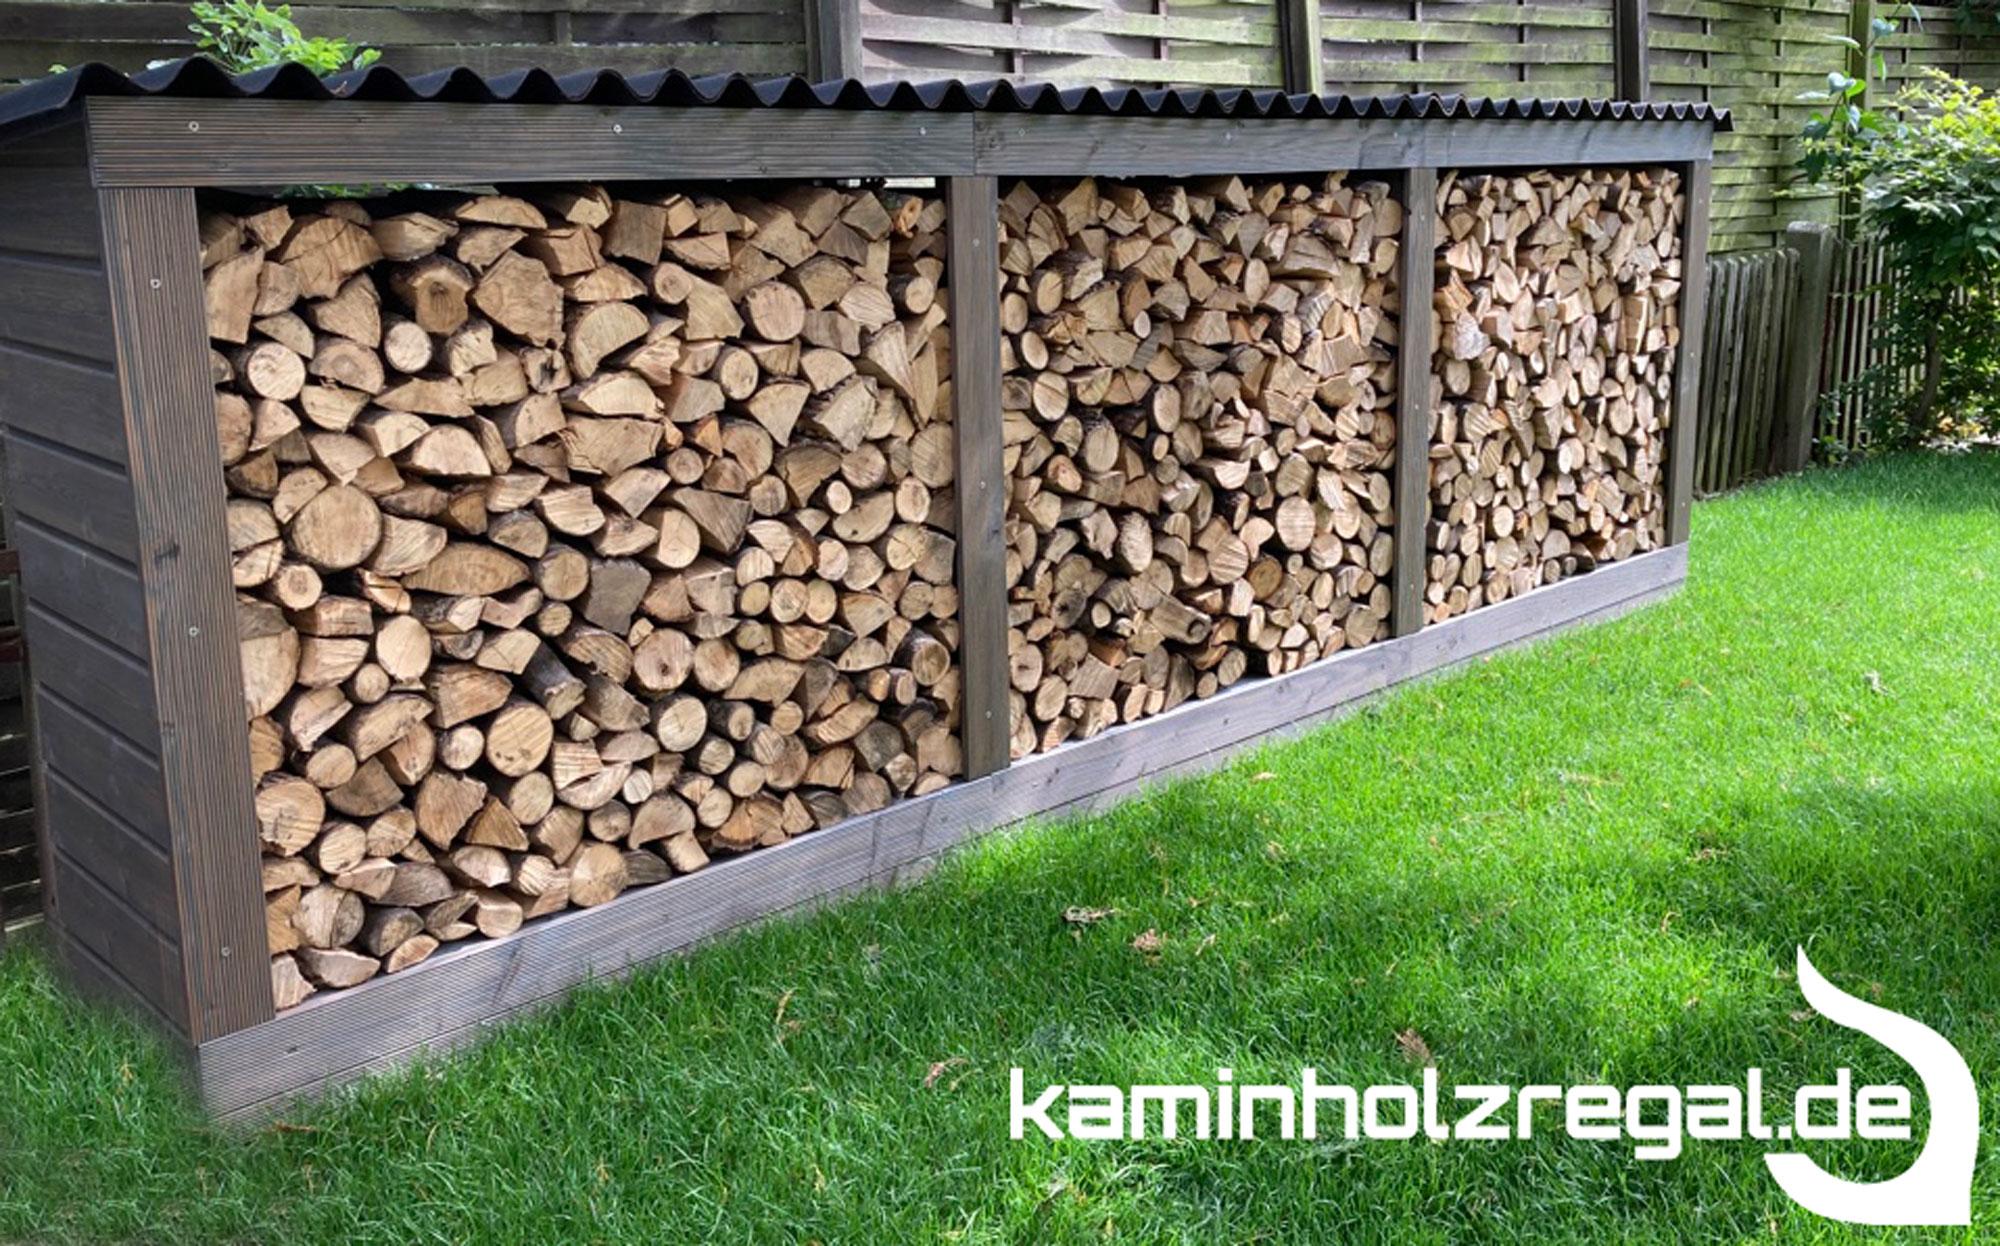 Kaminholzregal Garten mit Rückwand